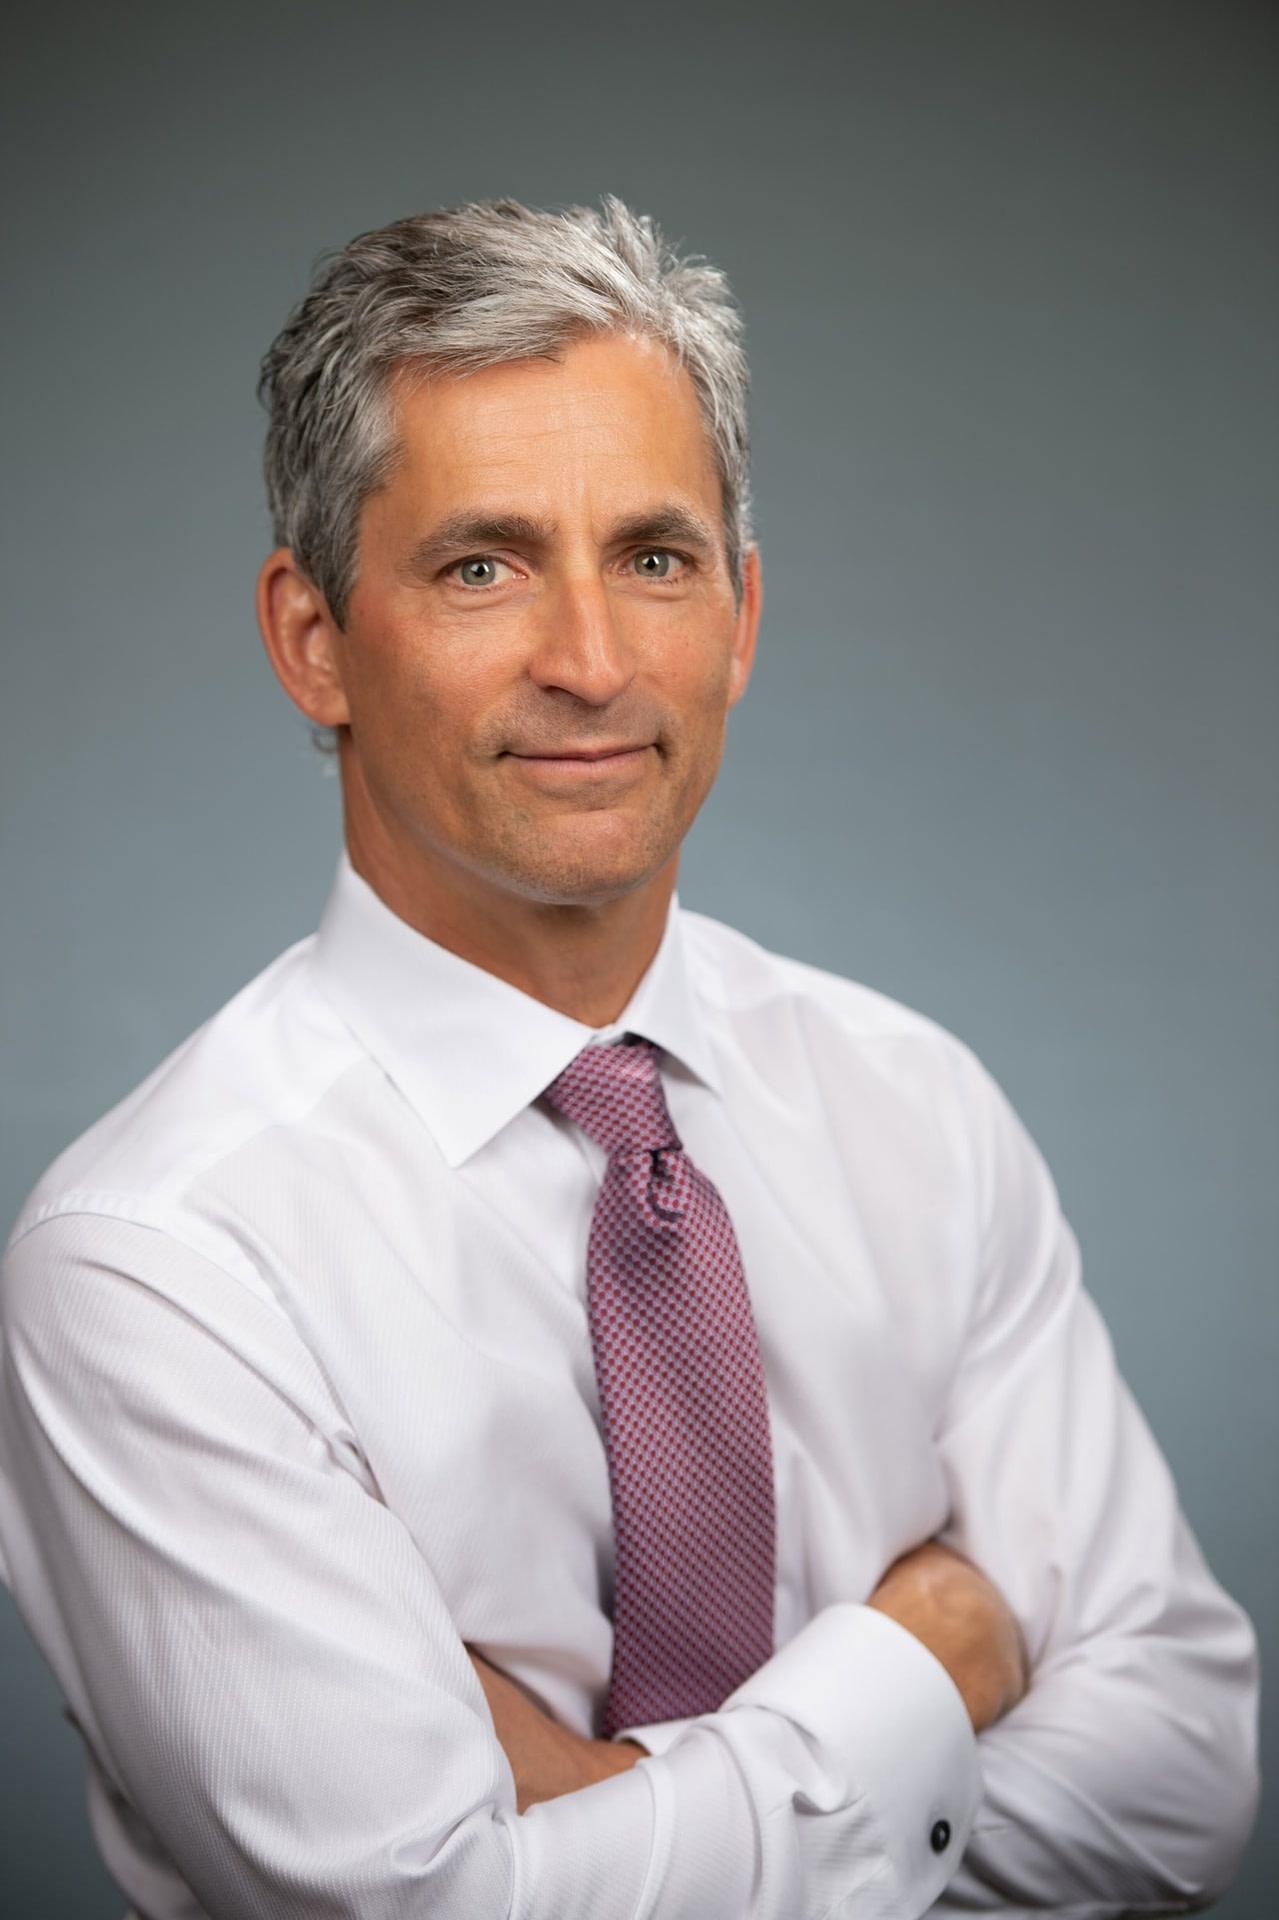 Michael Serotte portrait